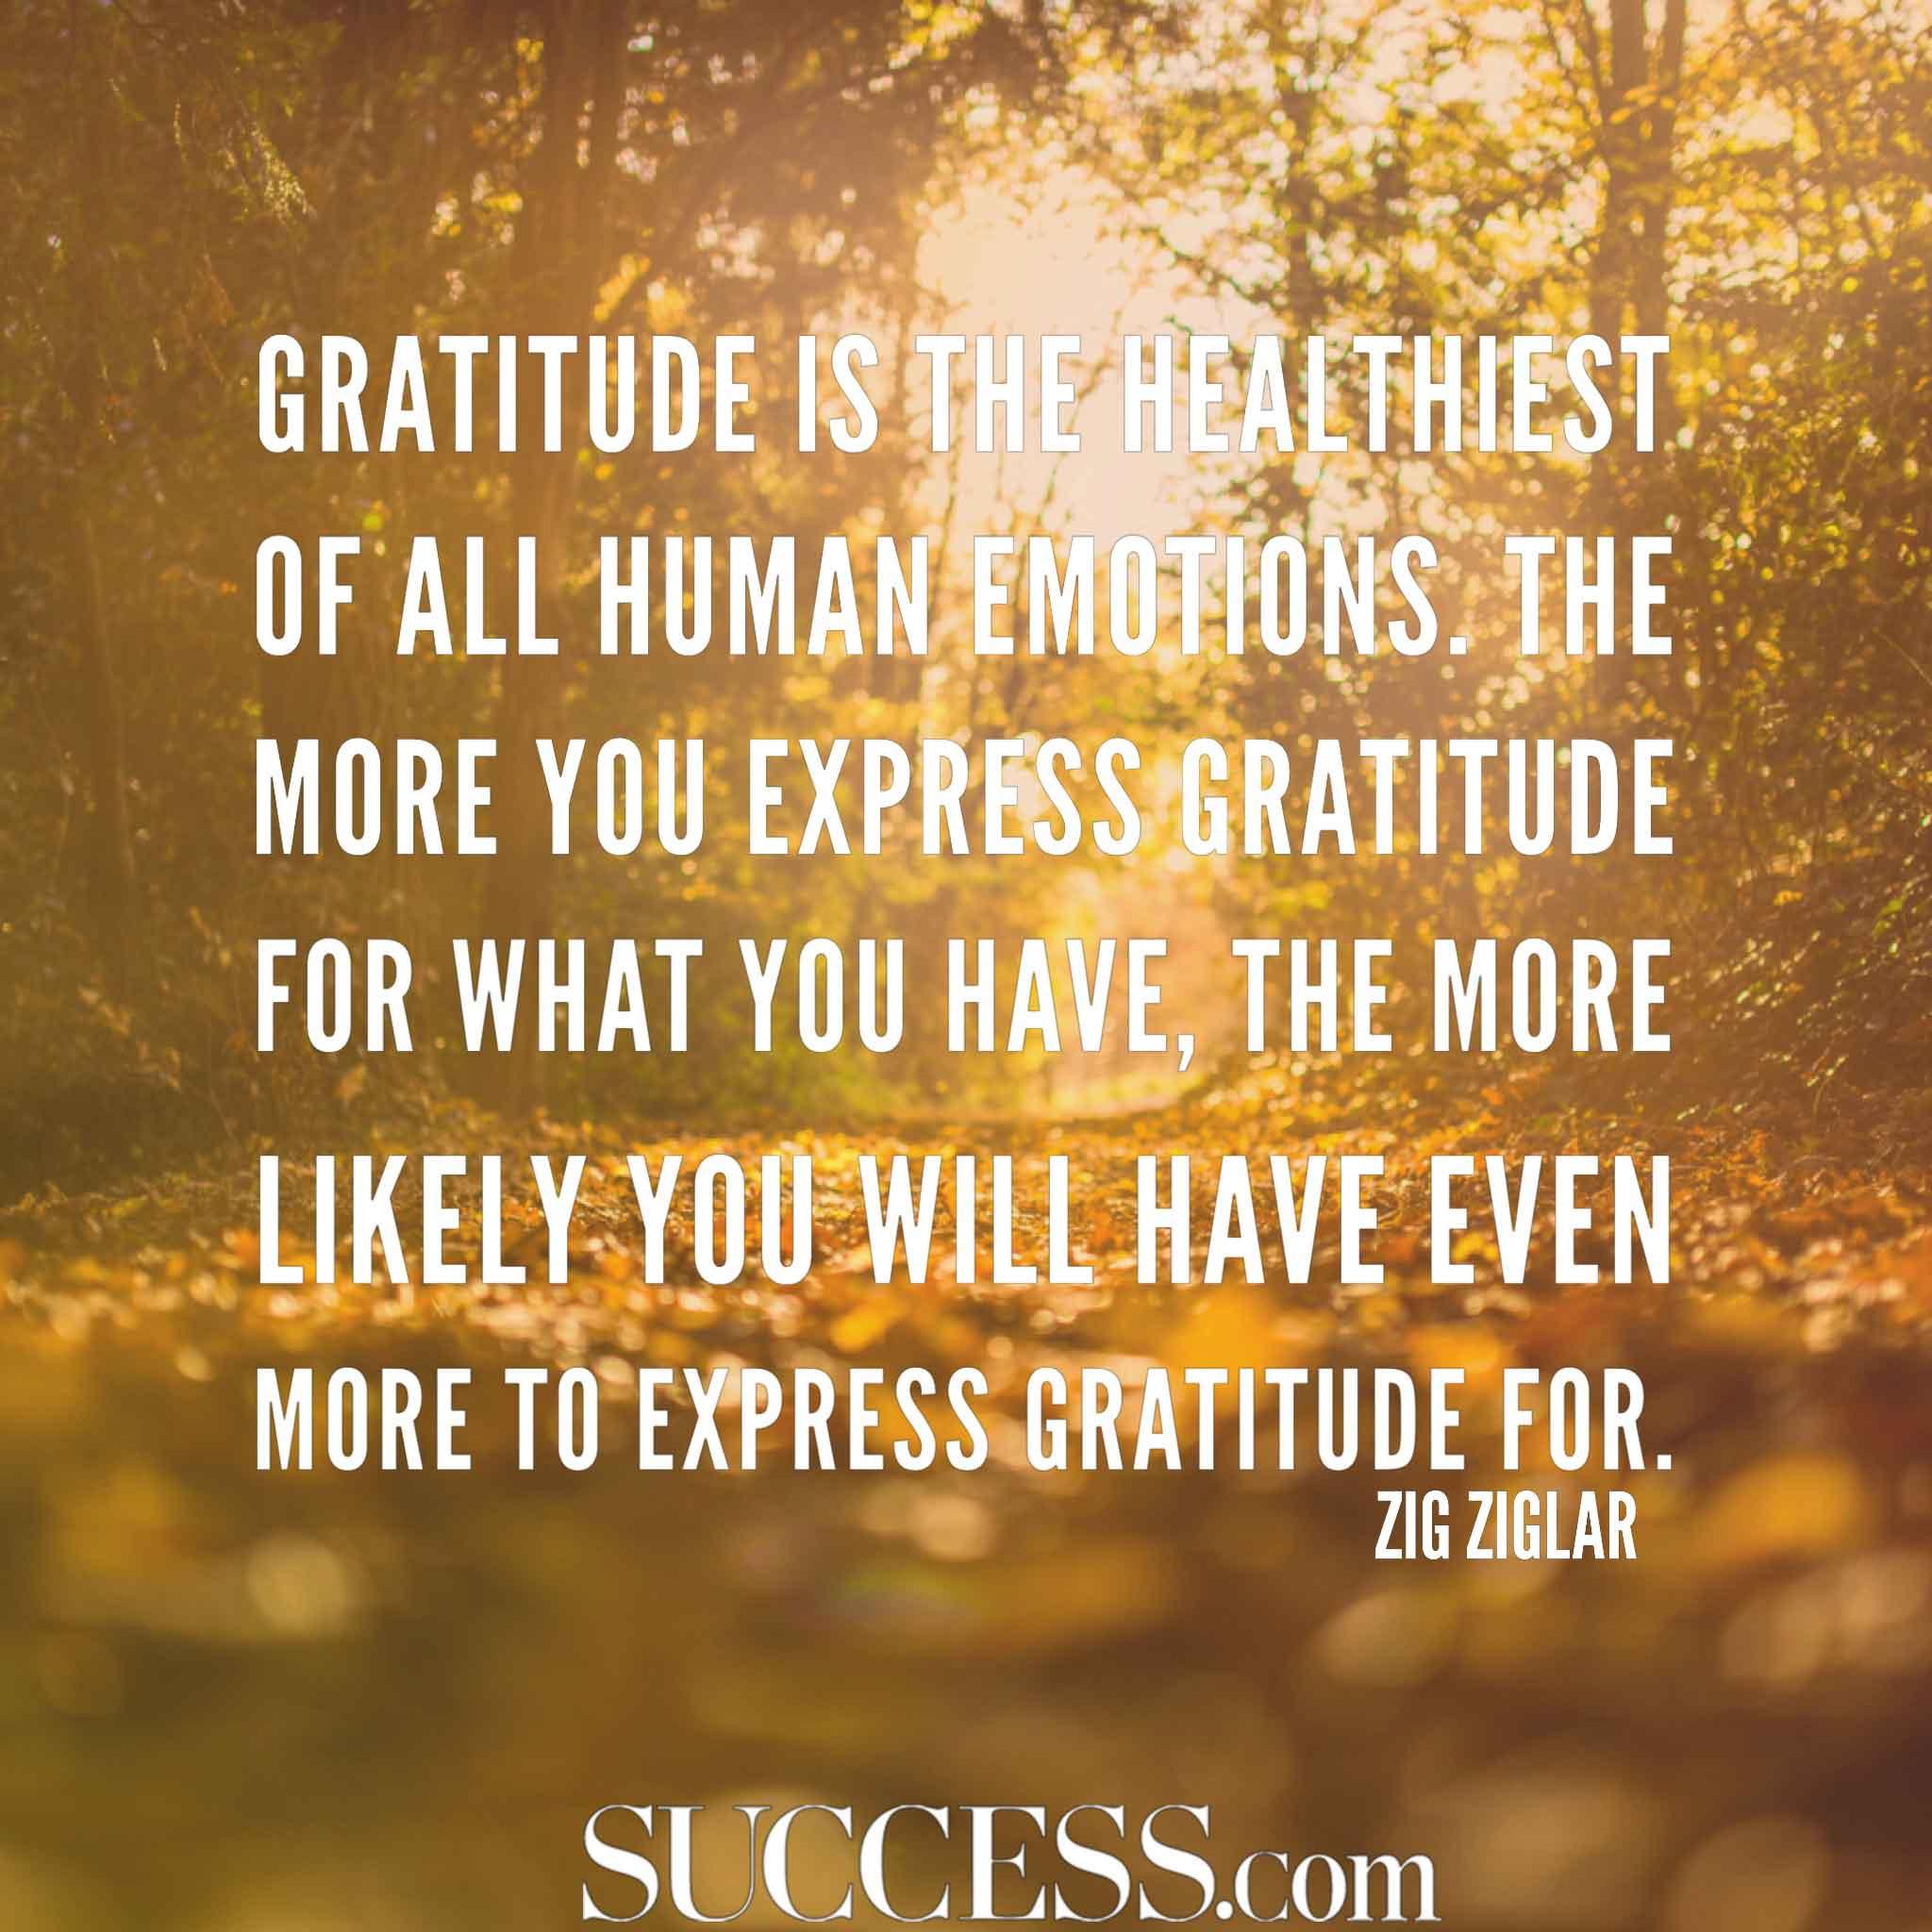 gratitude-quoe-from-zig-ziglar